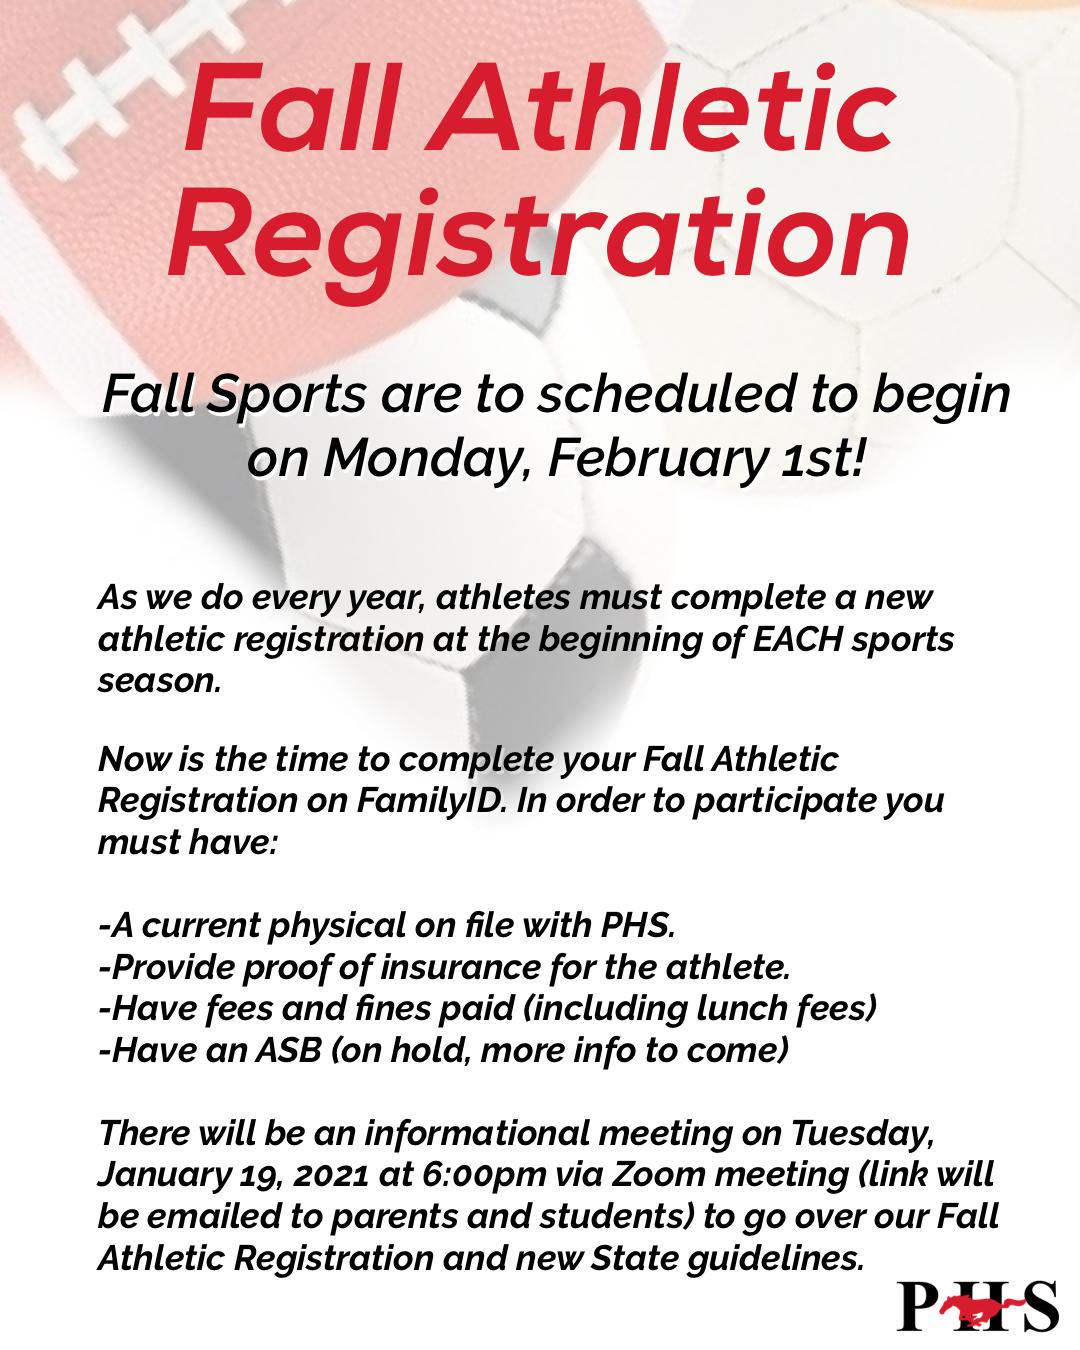 Information regarding fall athletic registration.